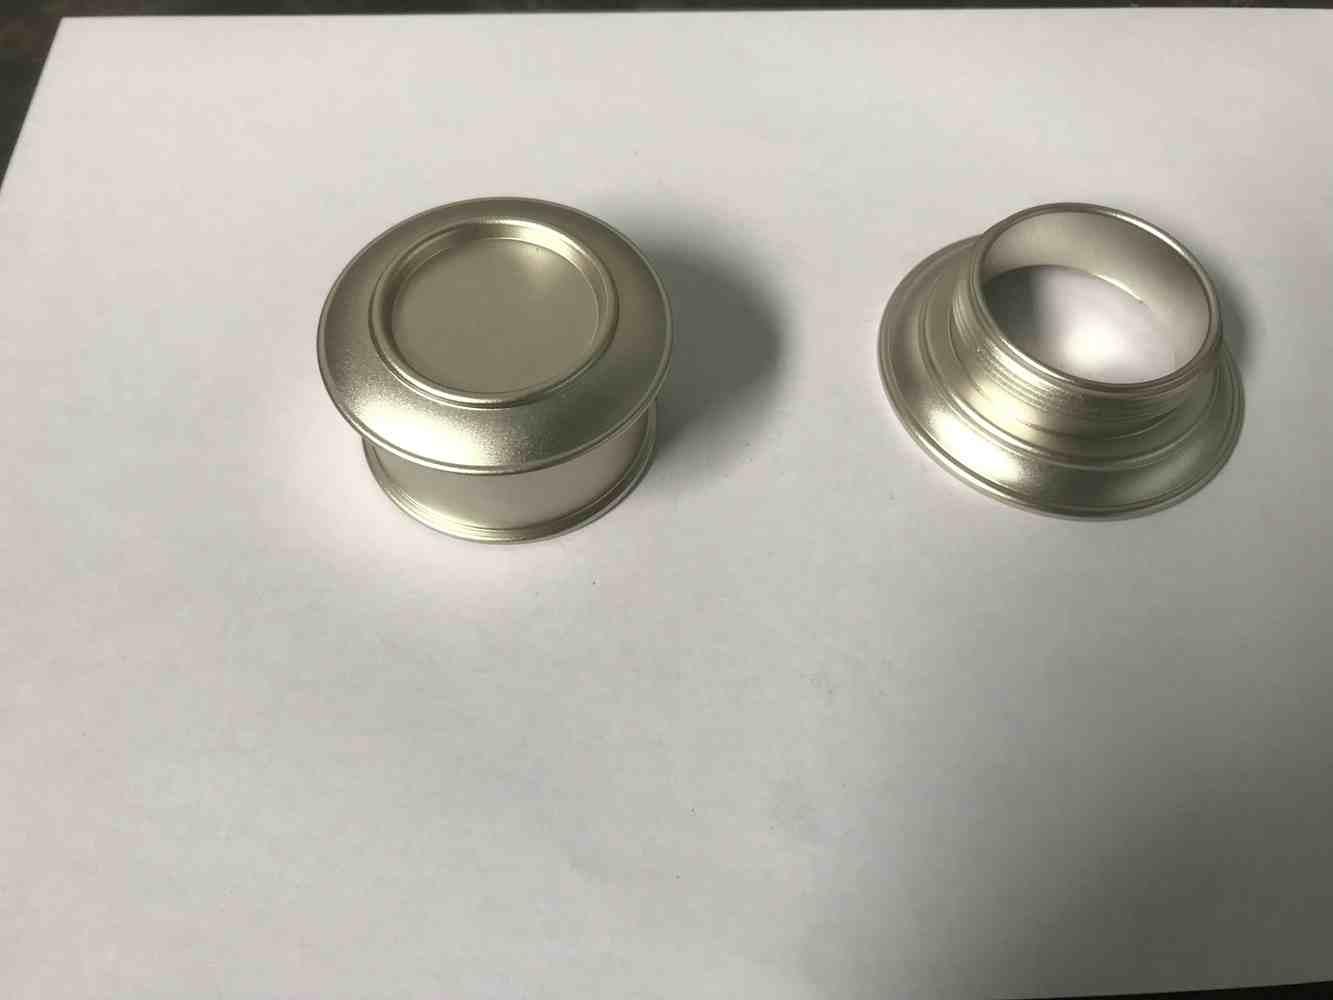 广州精密零件加工提高优质性的办法有哪些?